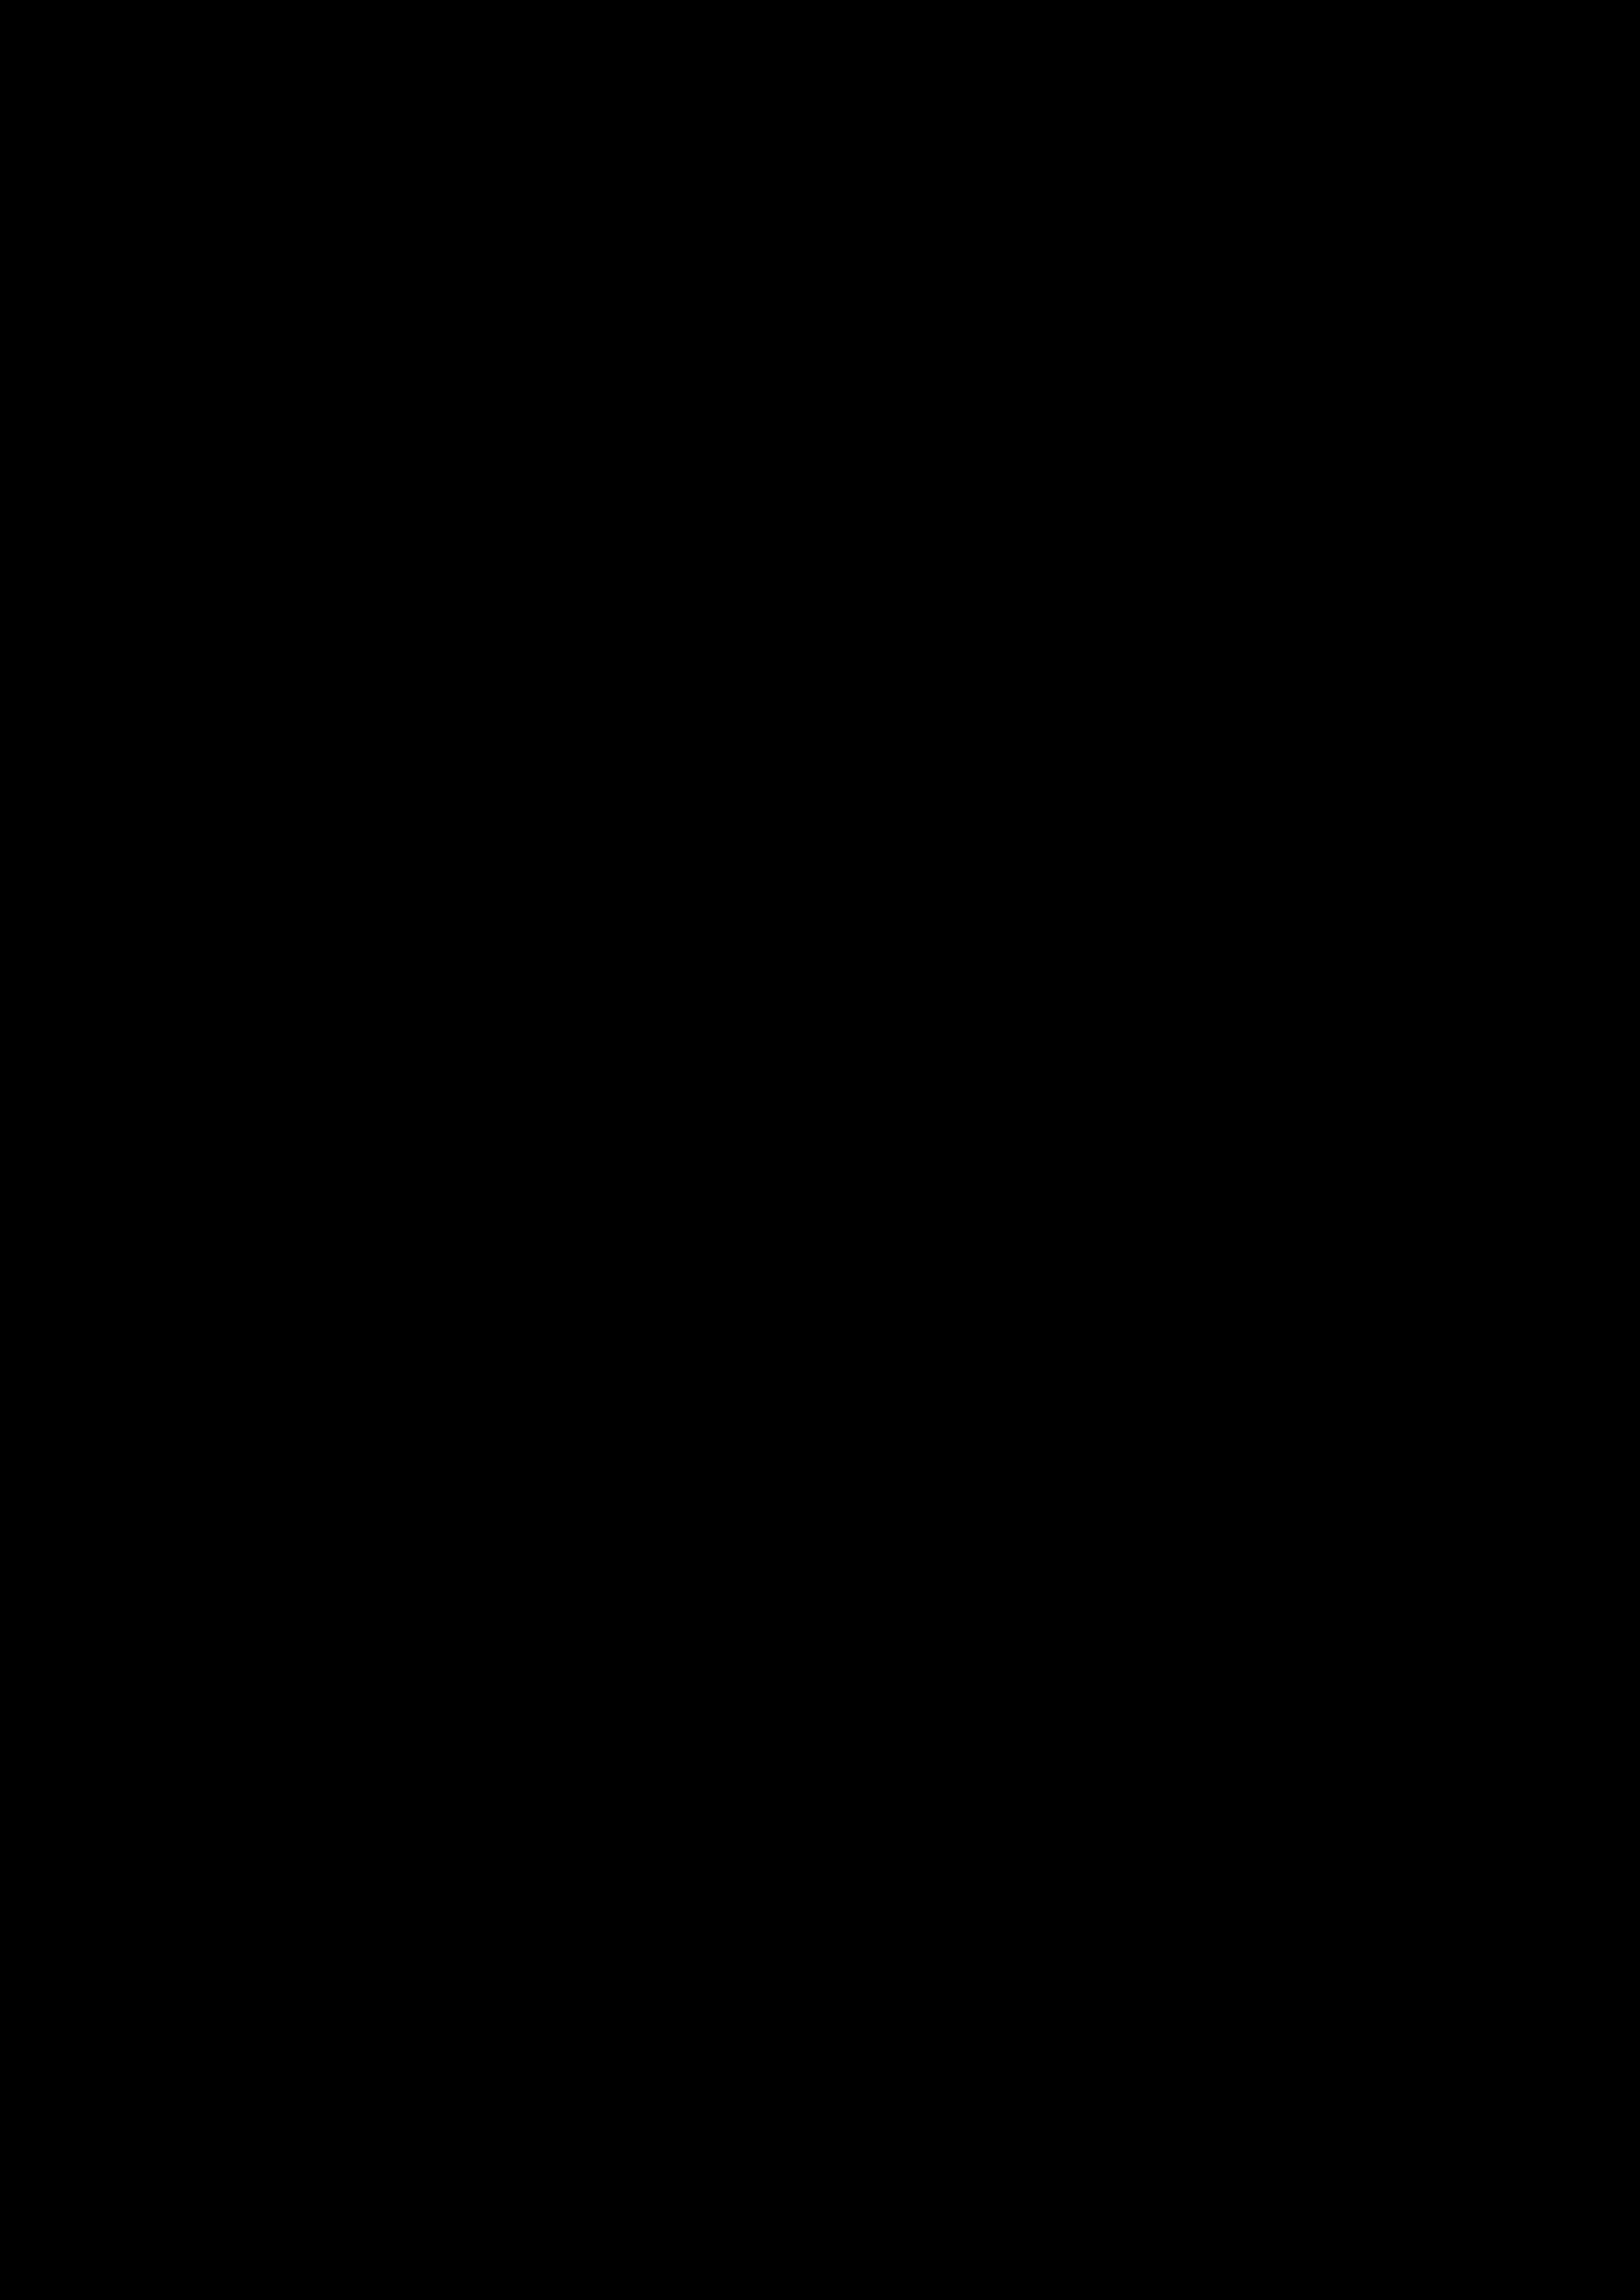 Saë + Les Salopards Heureux au Musical